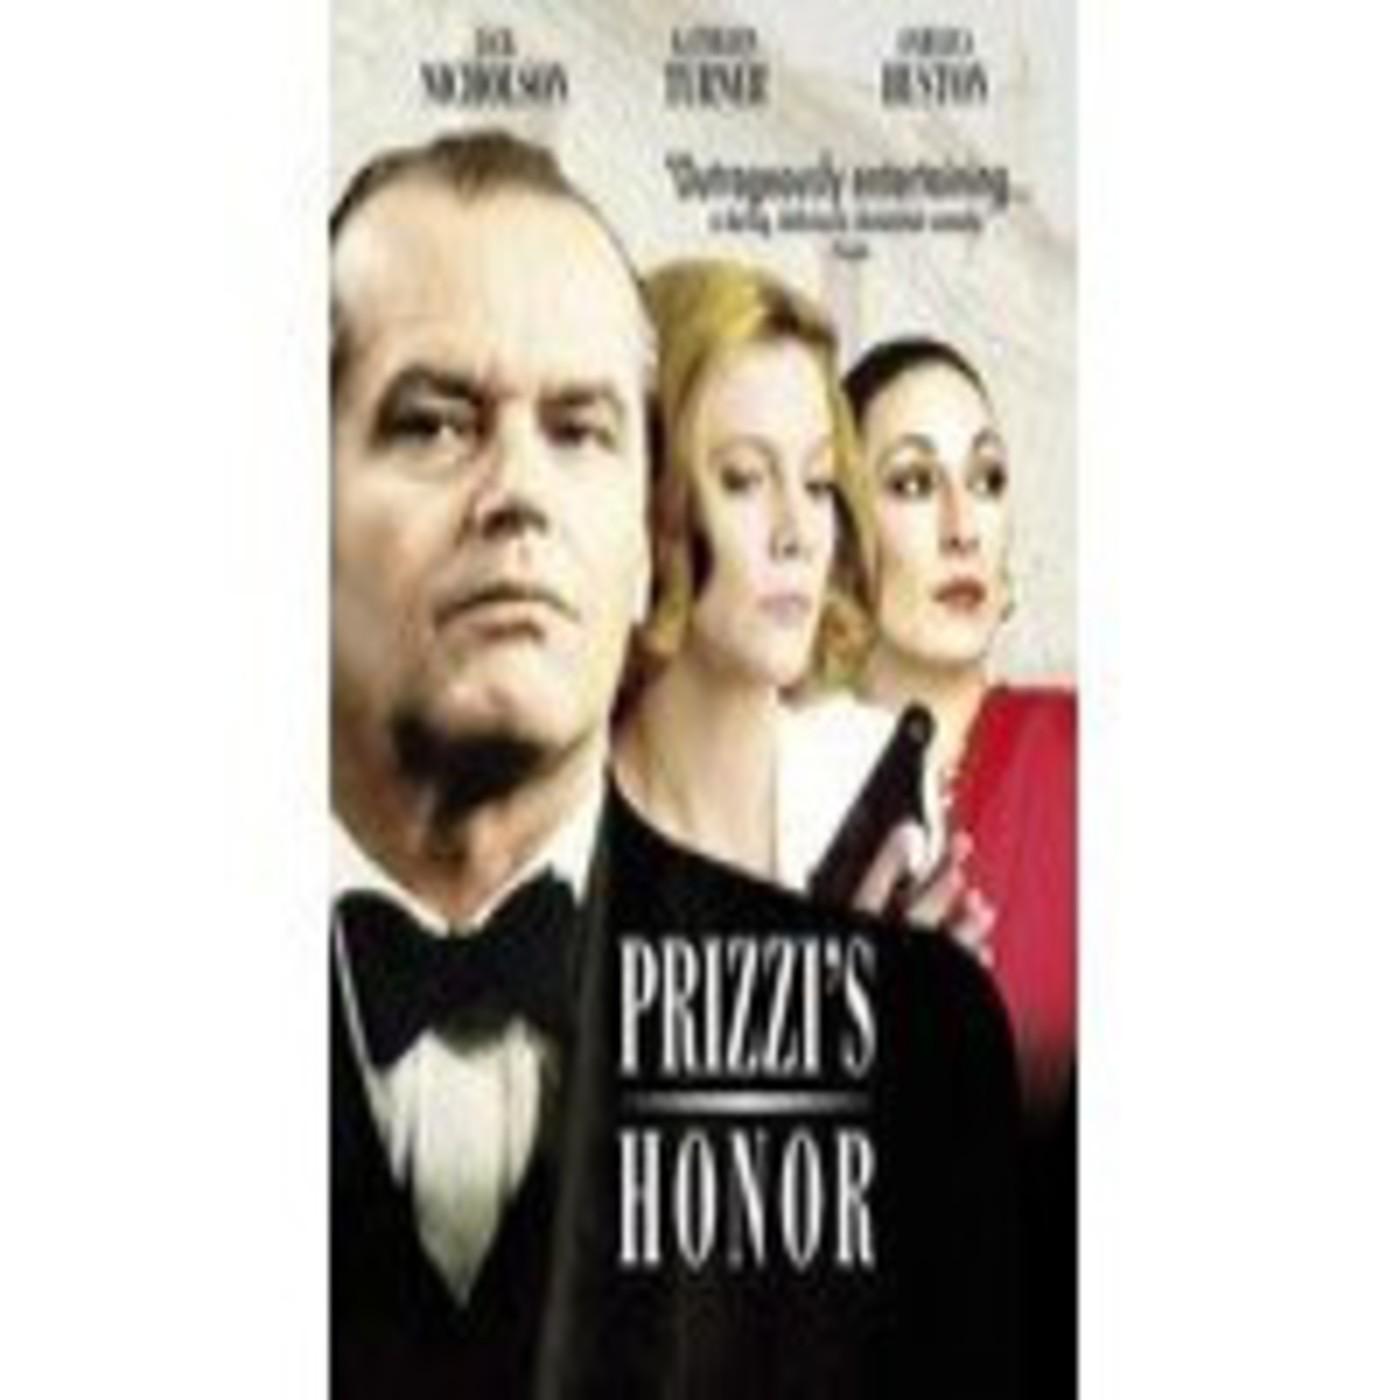 El Honor de los Prizzi (1985) QGEEC